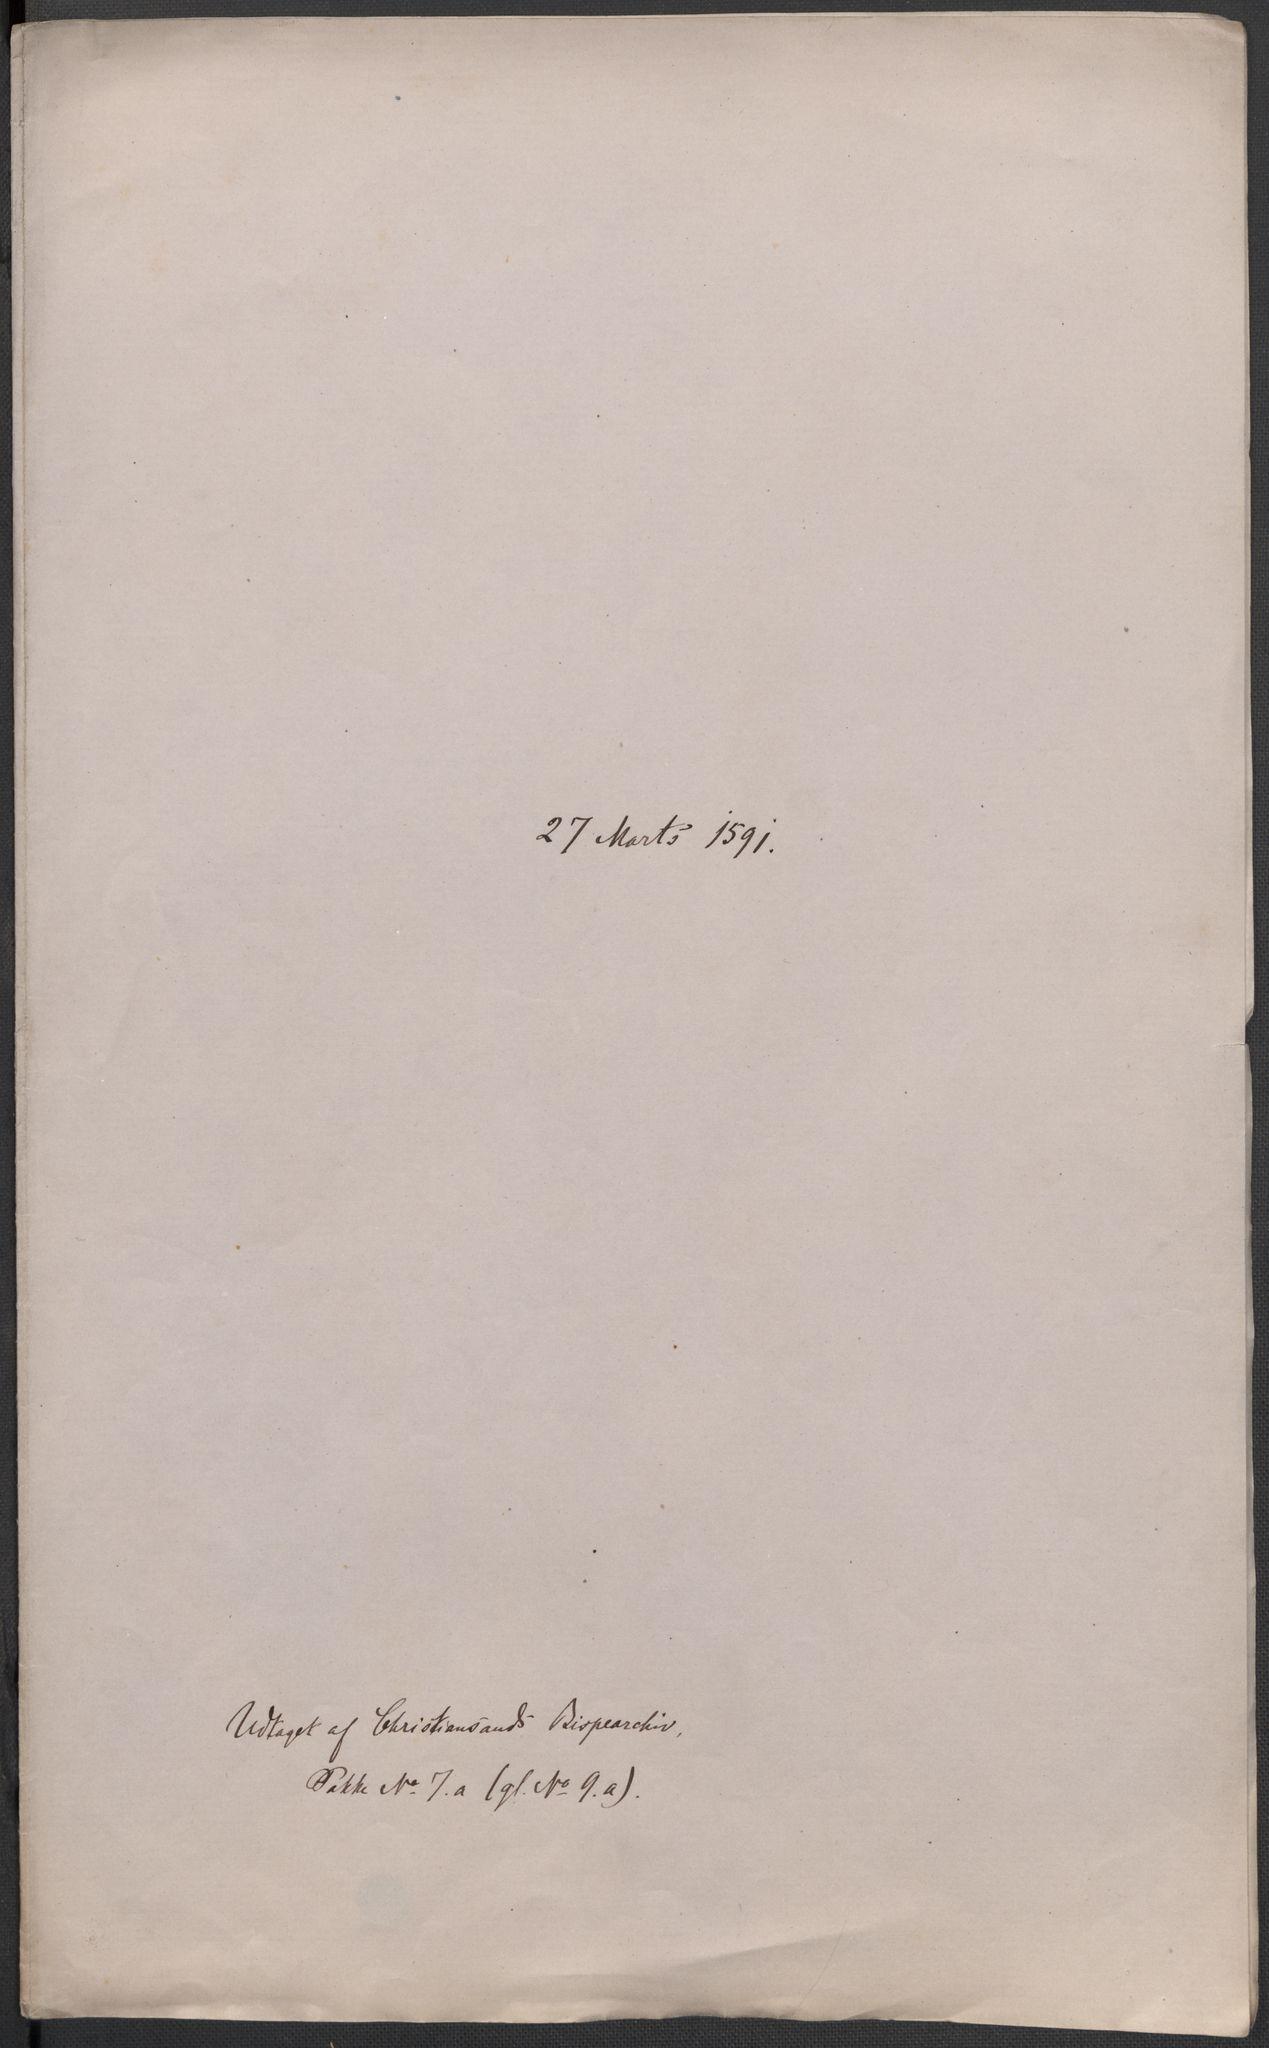 RA, Riksarkivets diplomsamling, F02/L0093: Dokumenter, 1591, s. 60